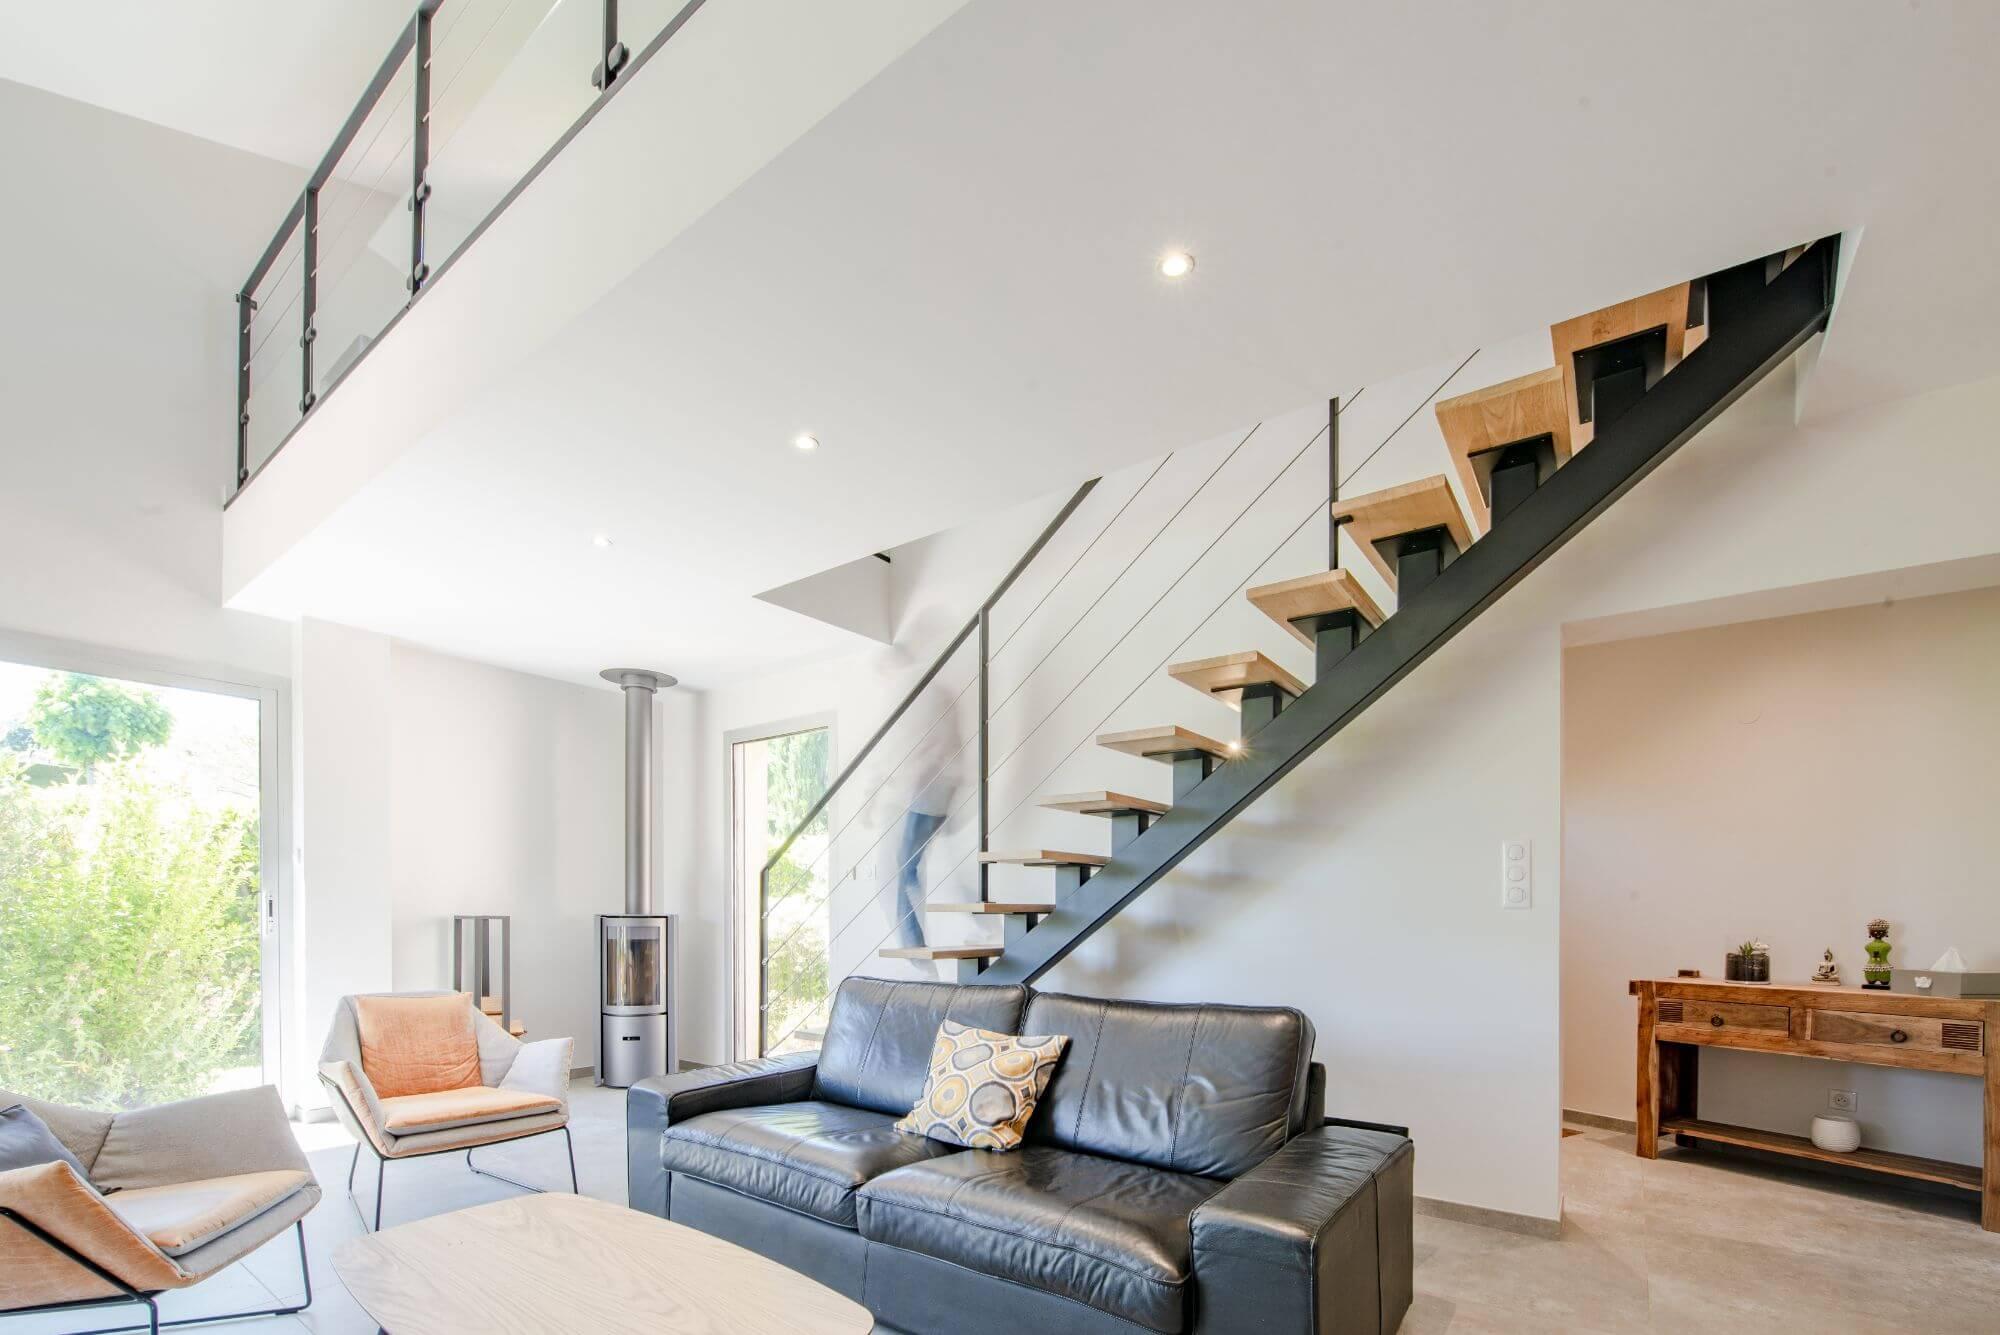 Poele à bois, Escaliers